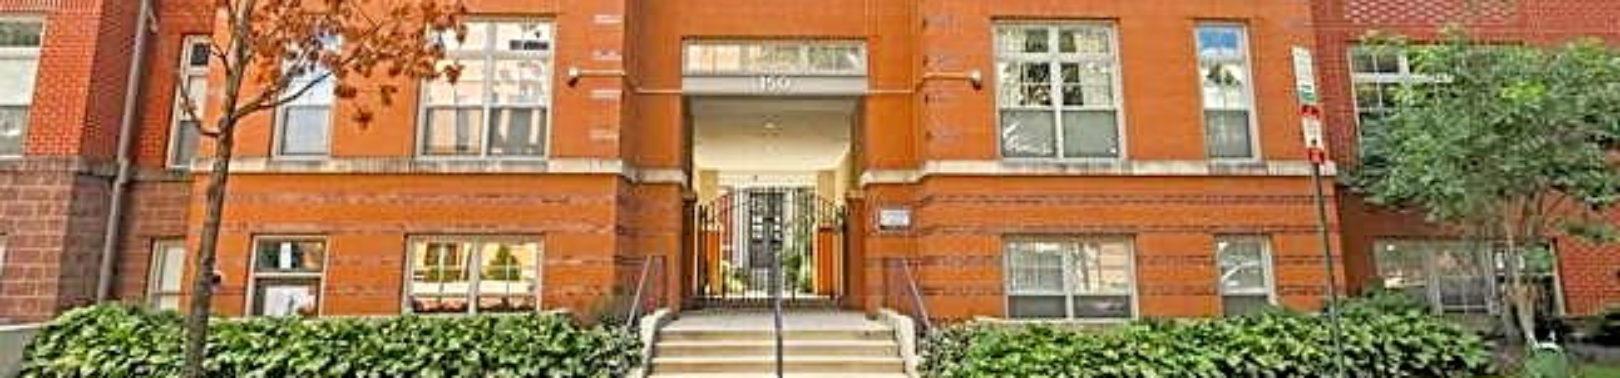 Parker Flats Condominiums